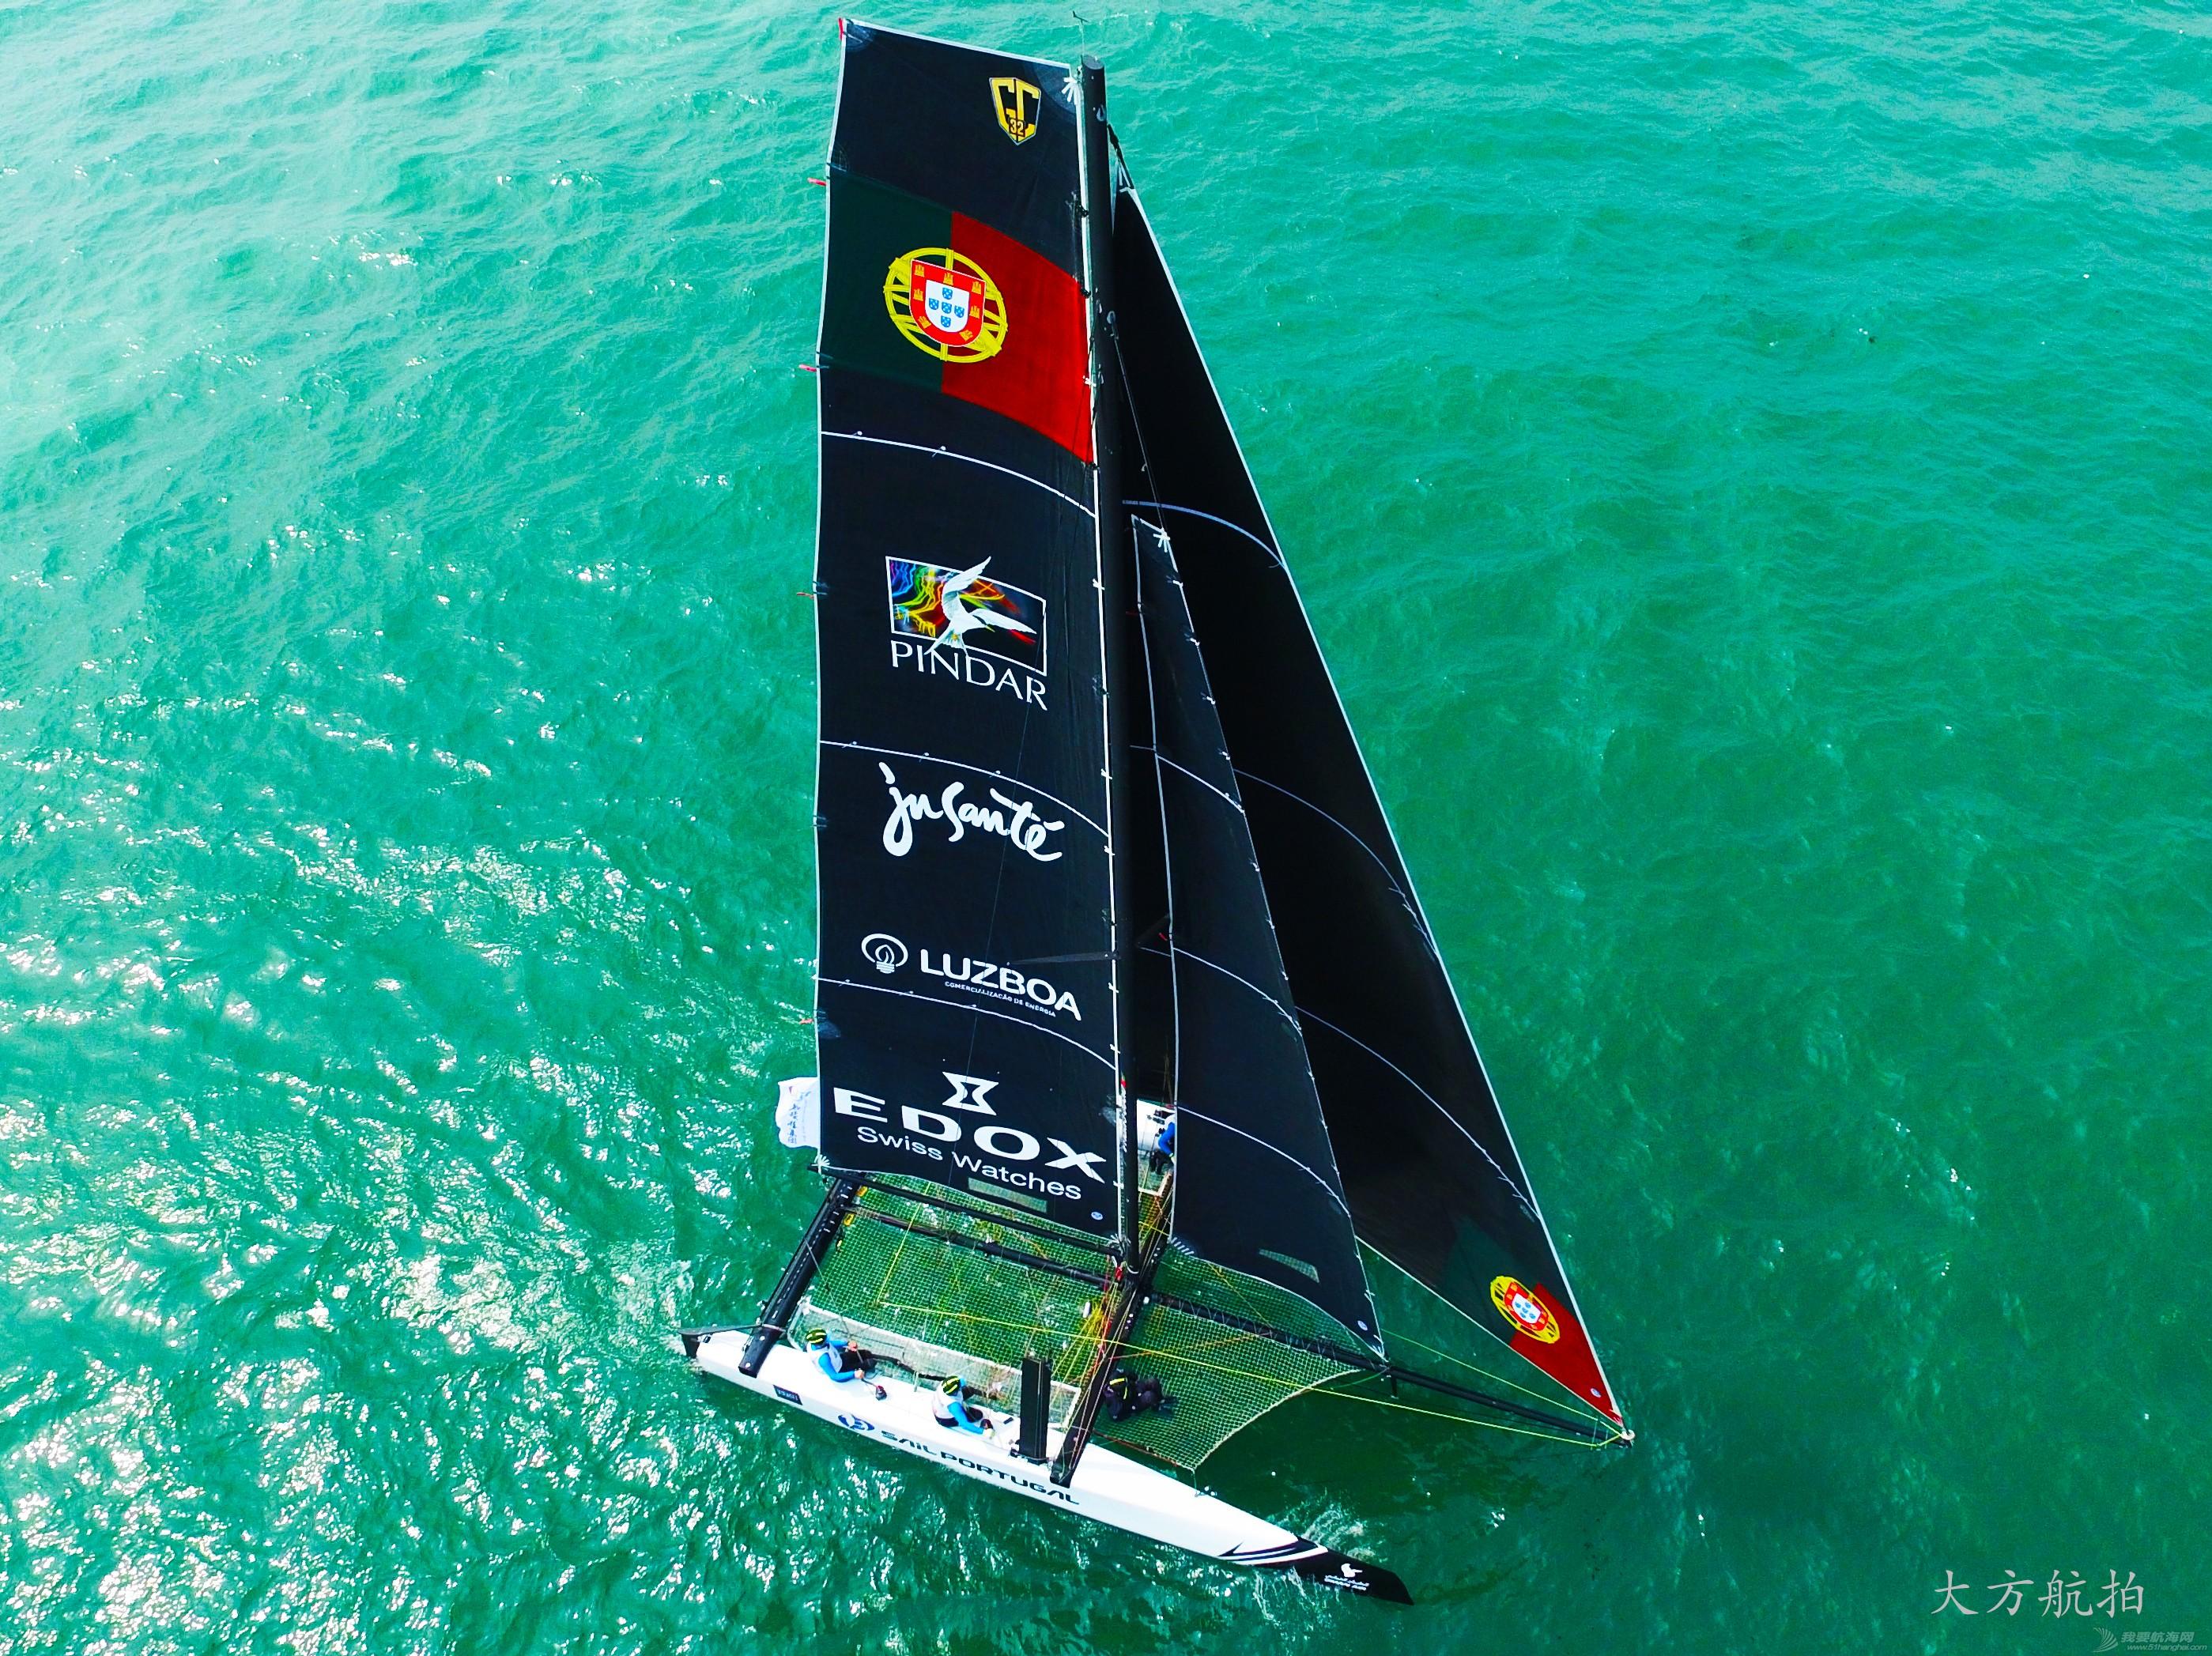 系列赛,青岛,帆船,国际,极限 2016国际极限帆船系列赛青岛站--大方航拍 DJI_0040.JPG